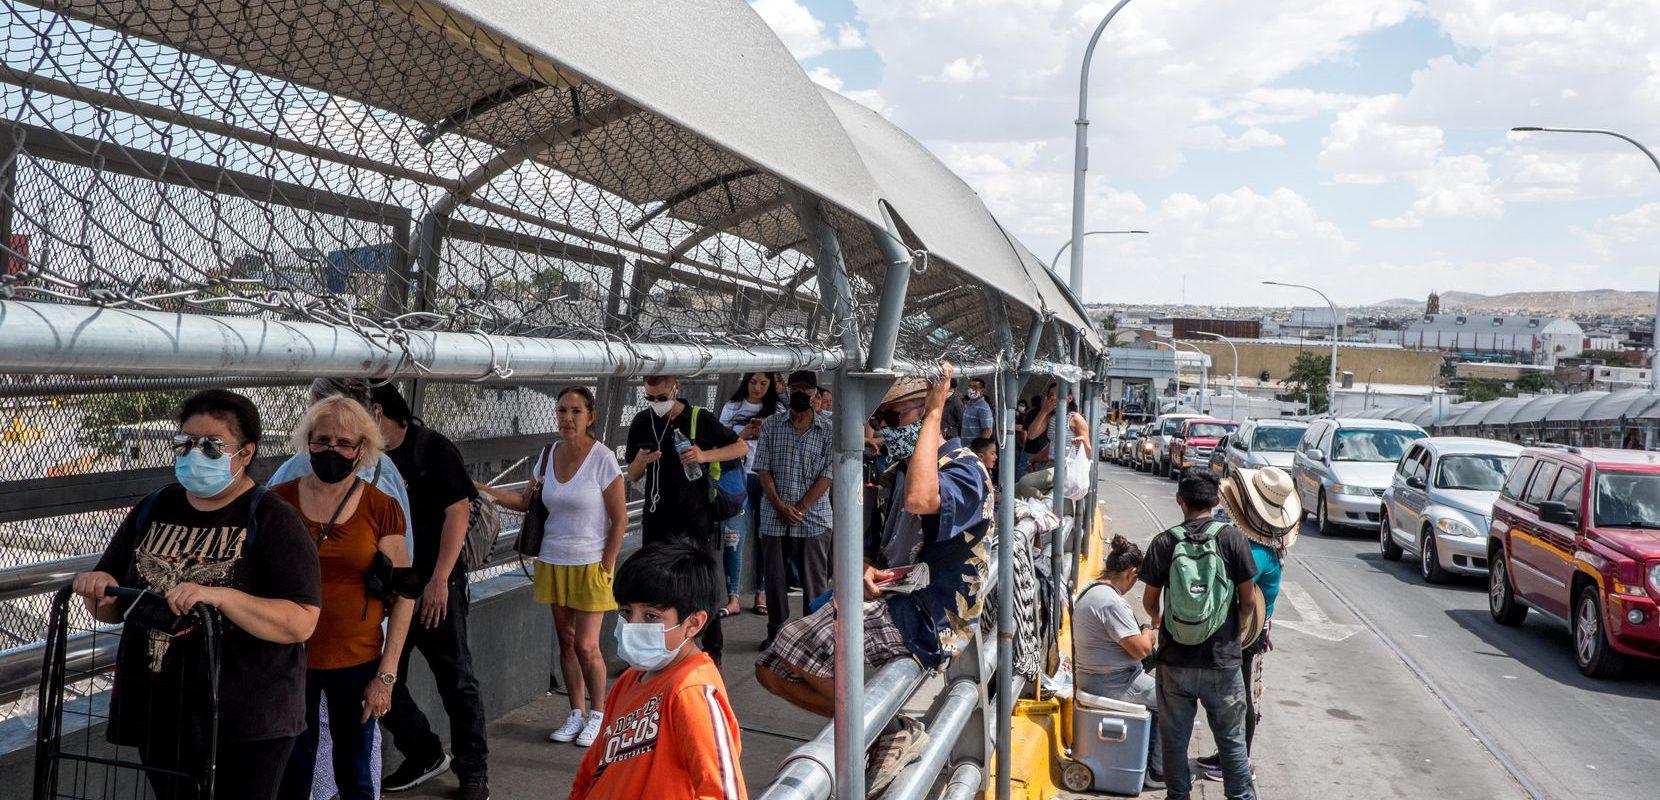 Reapertura de frontera entre México y EU será 'gradual' en próximas semanas, adelanta Ebrard